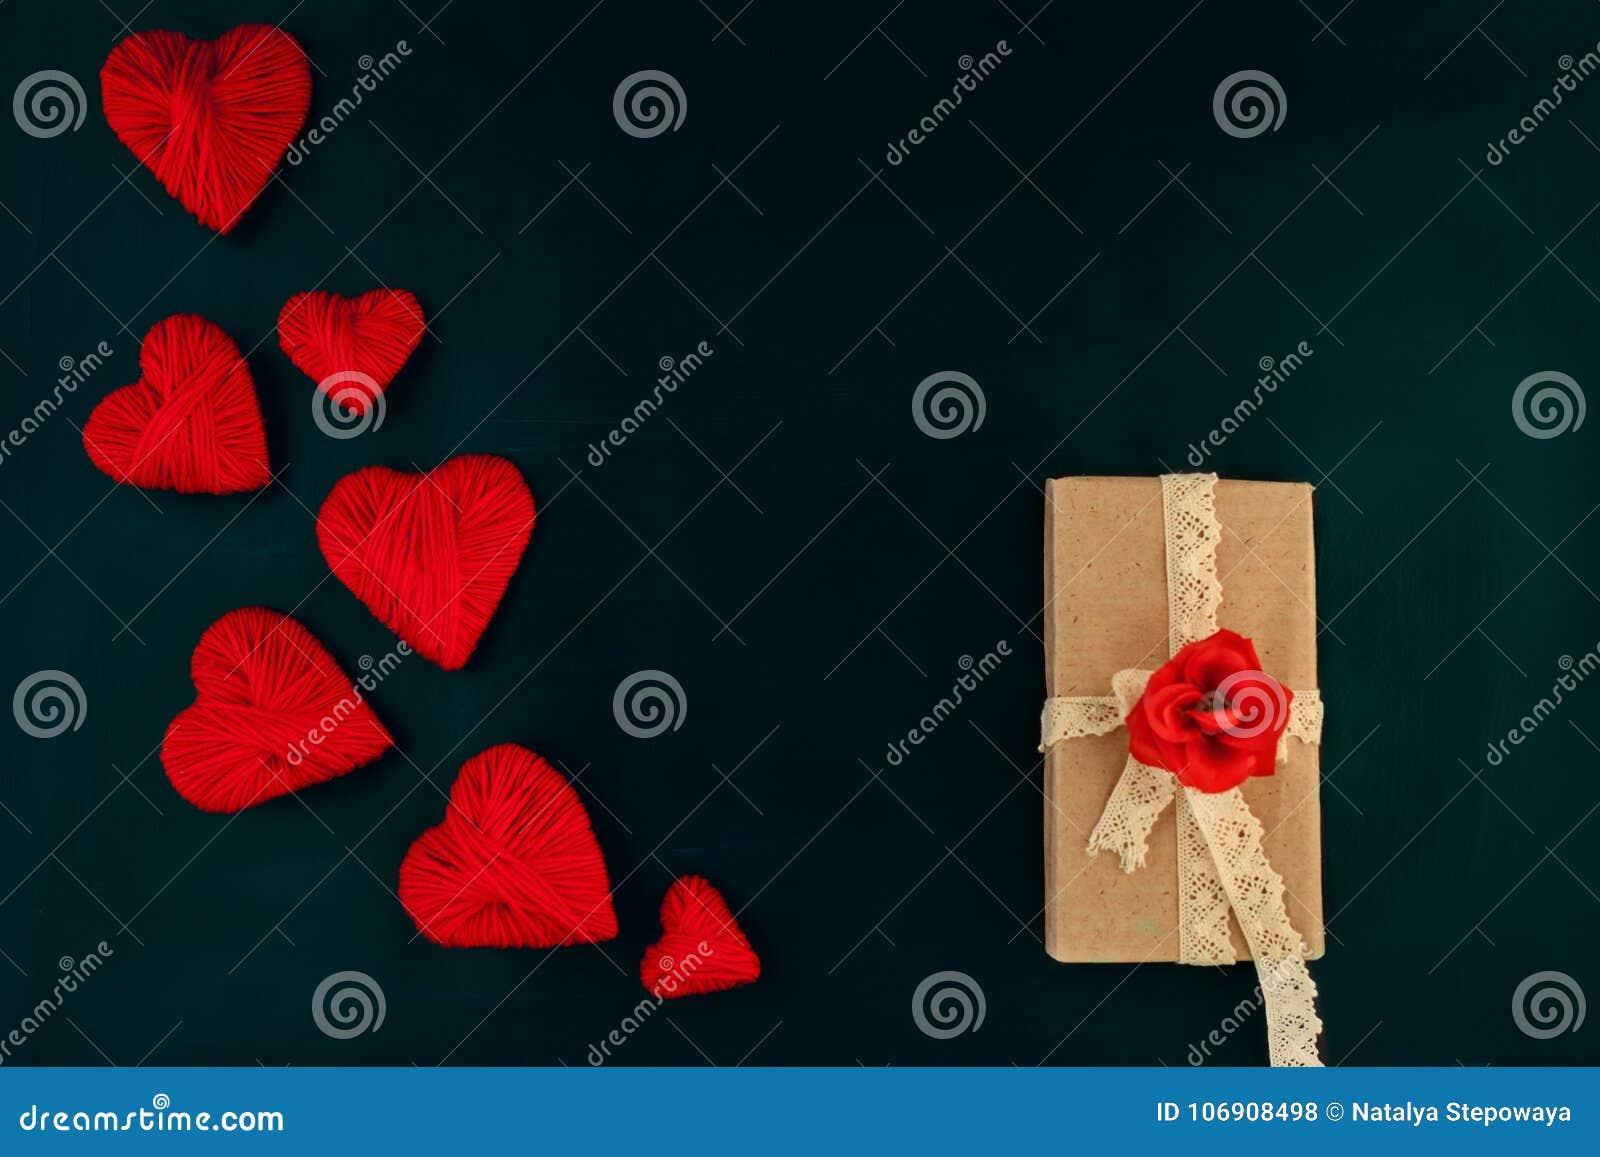 Walentynka dzień, czerwoni serca na ciemnym tle z prezentem, przestrzeń dla teksta